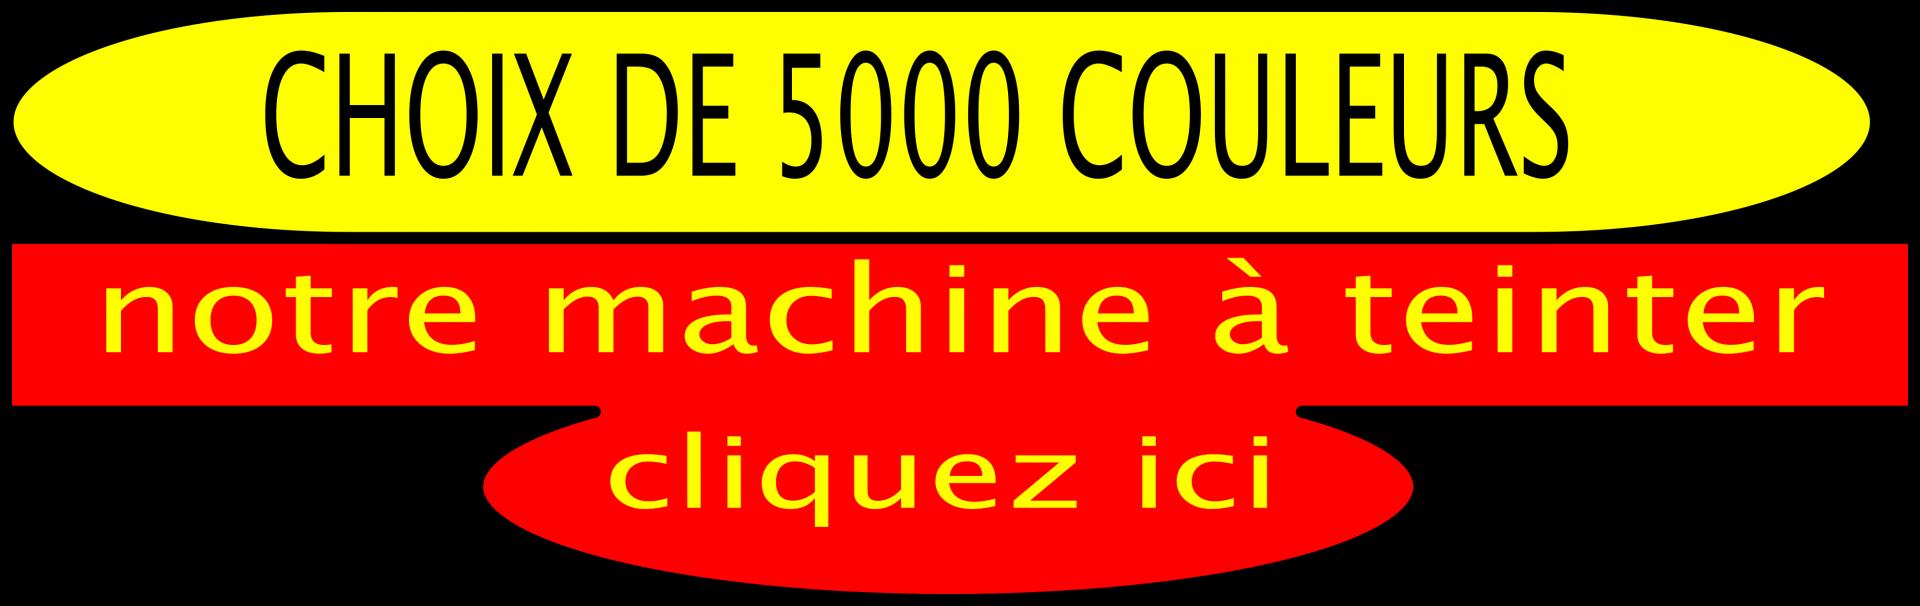 5000 couleur